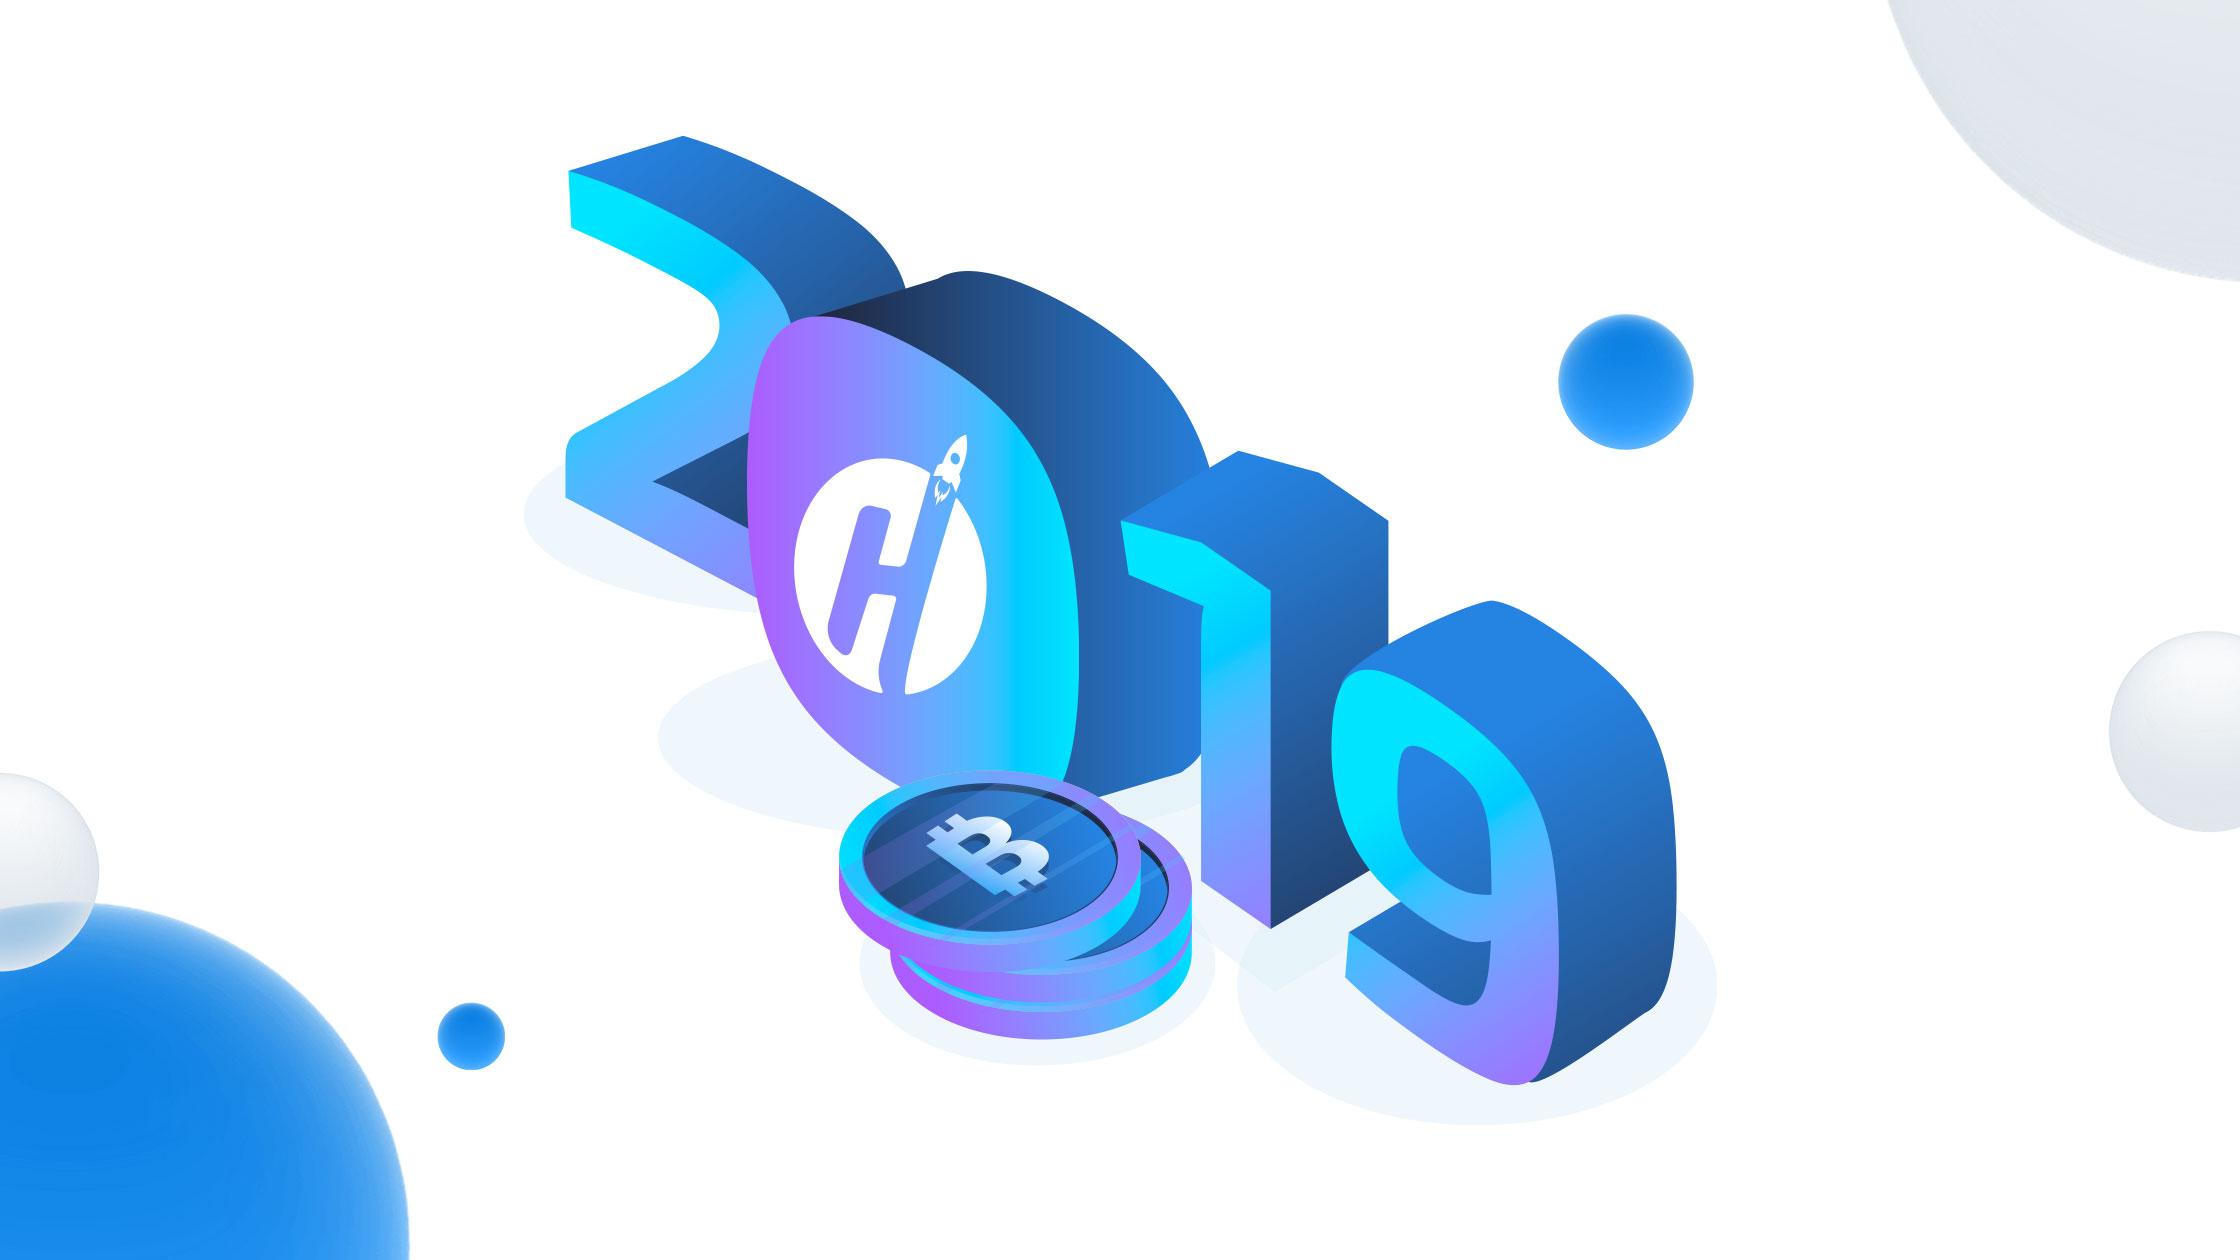 Bitcoin 2019 — Year of DeFi